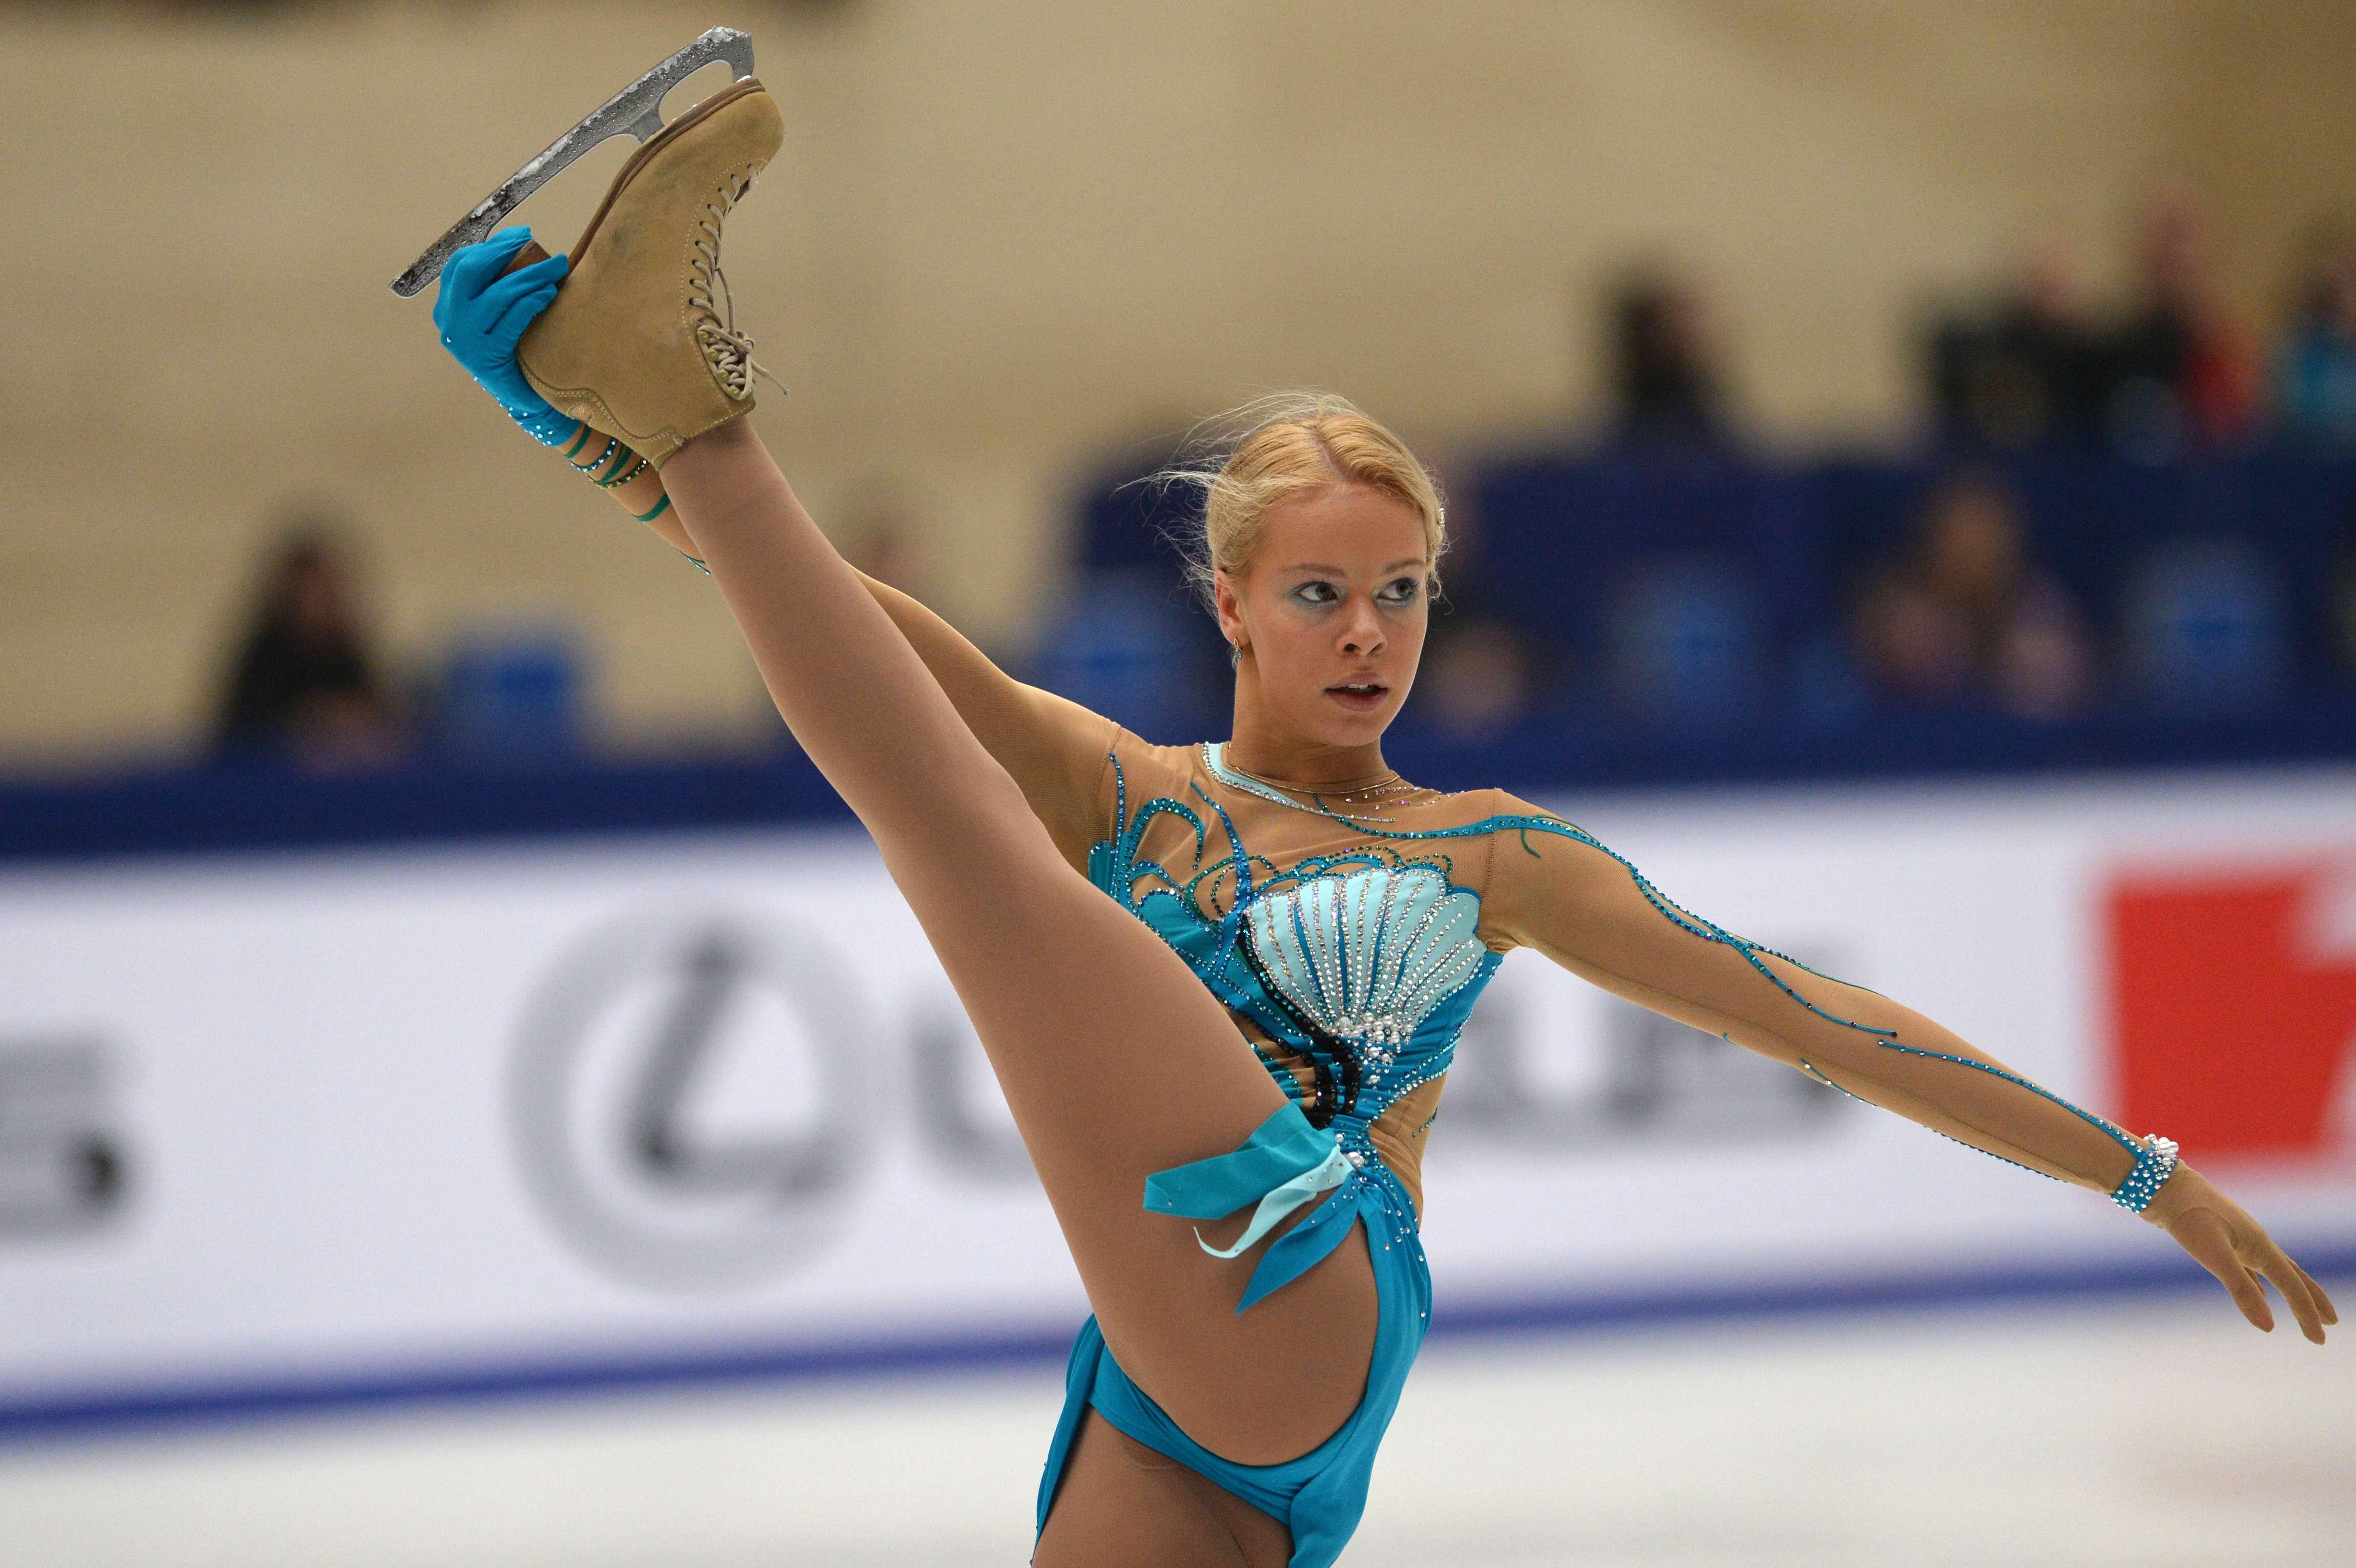 Teen ice skater